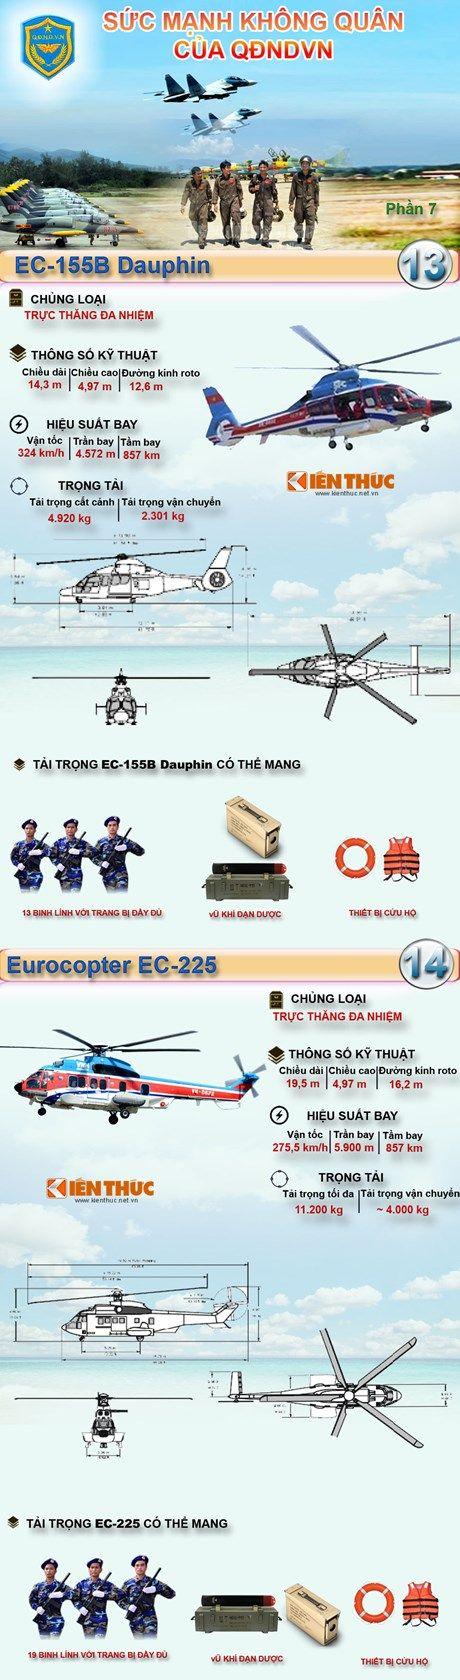 Infographic: Sức mạnh Không quân Nhân dân Việt Nam 7